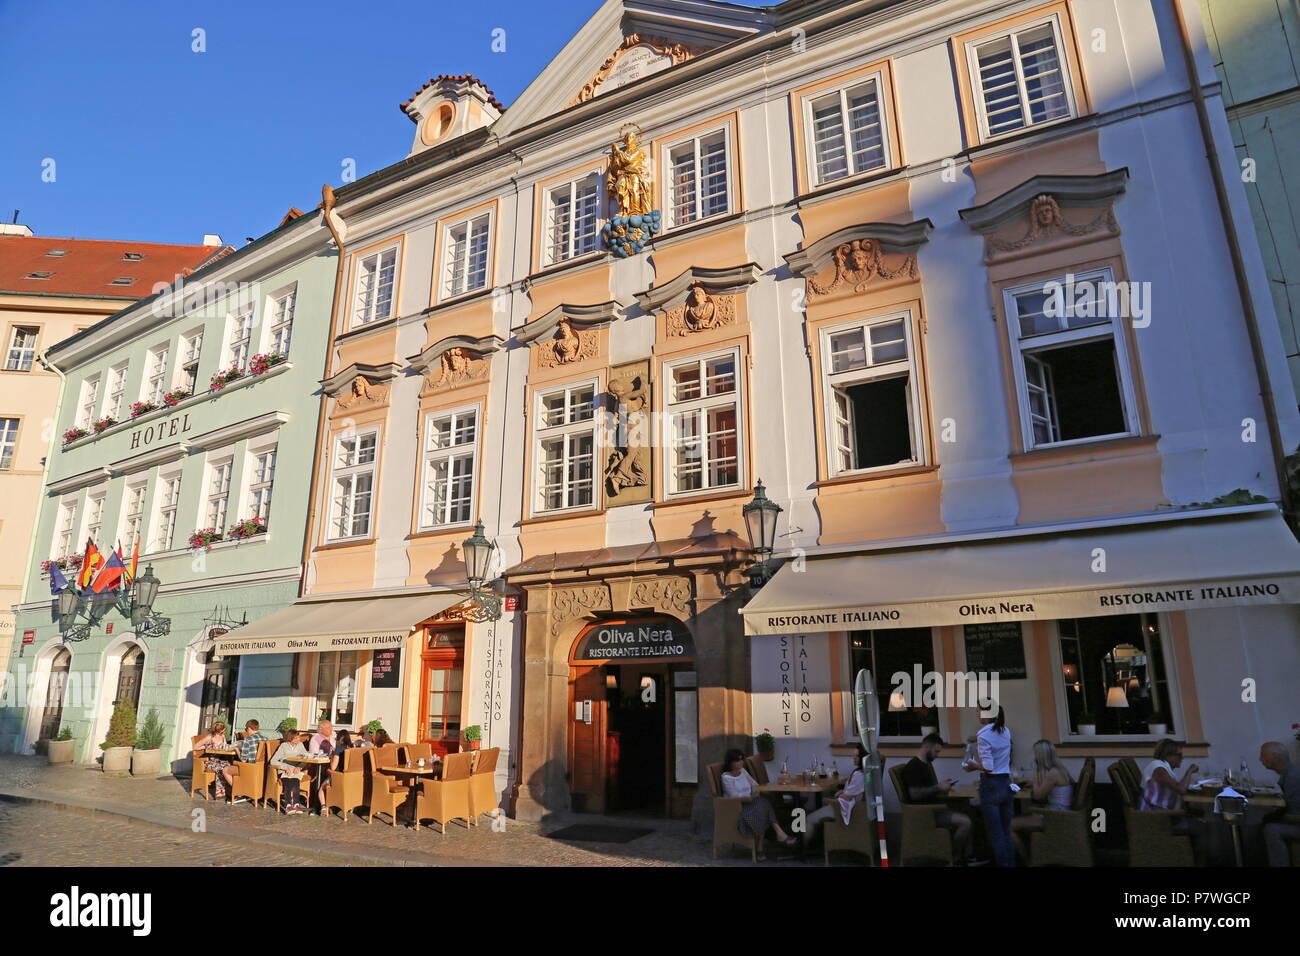 Betlem Club Hotel And Oliva Nera Italian Restaurant Betlémské